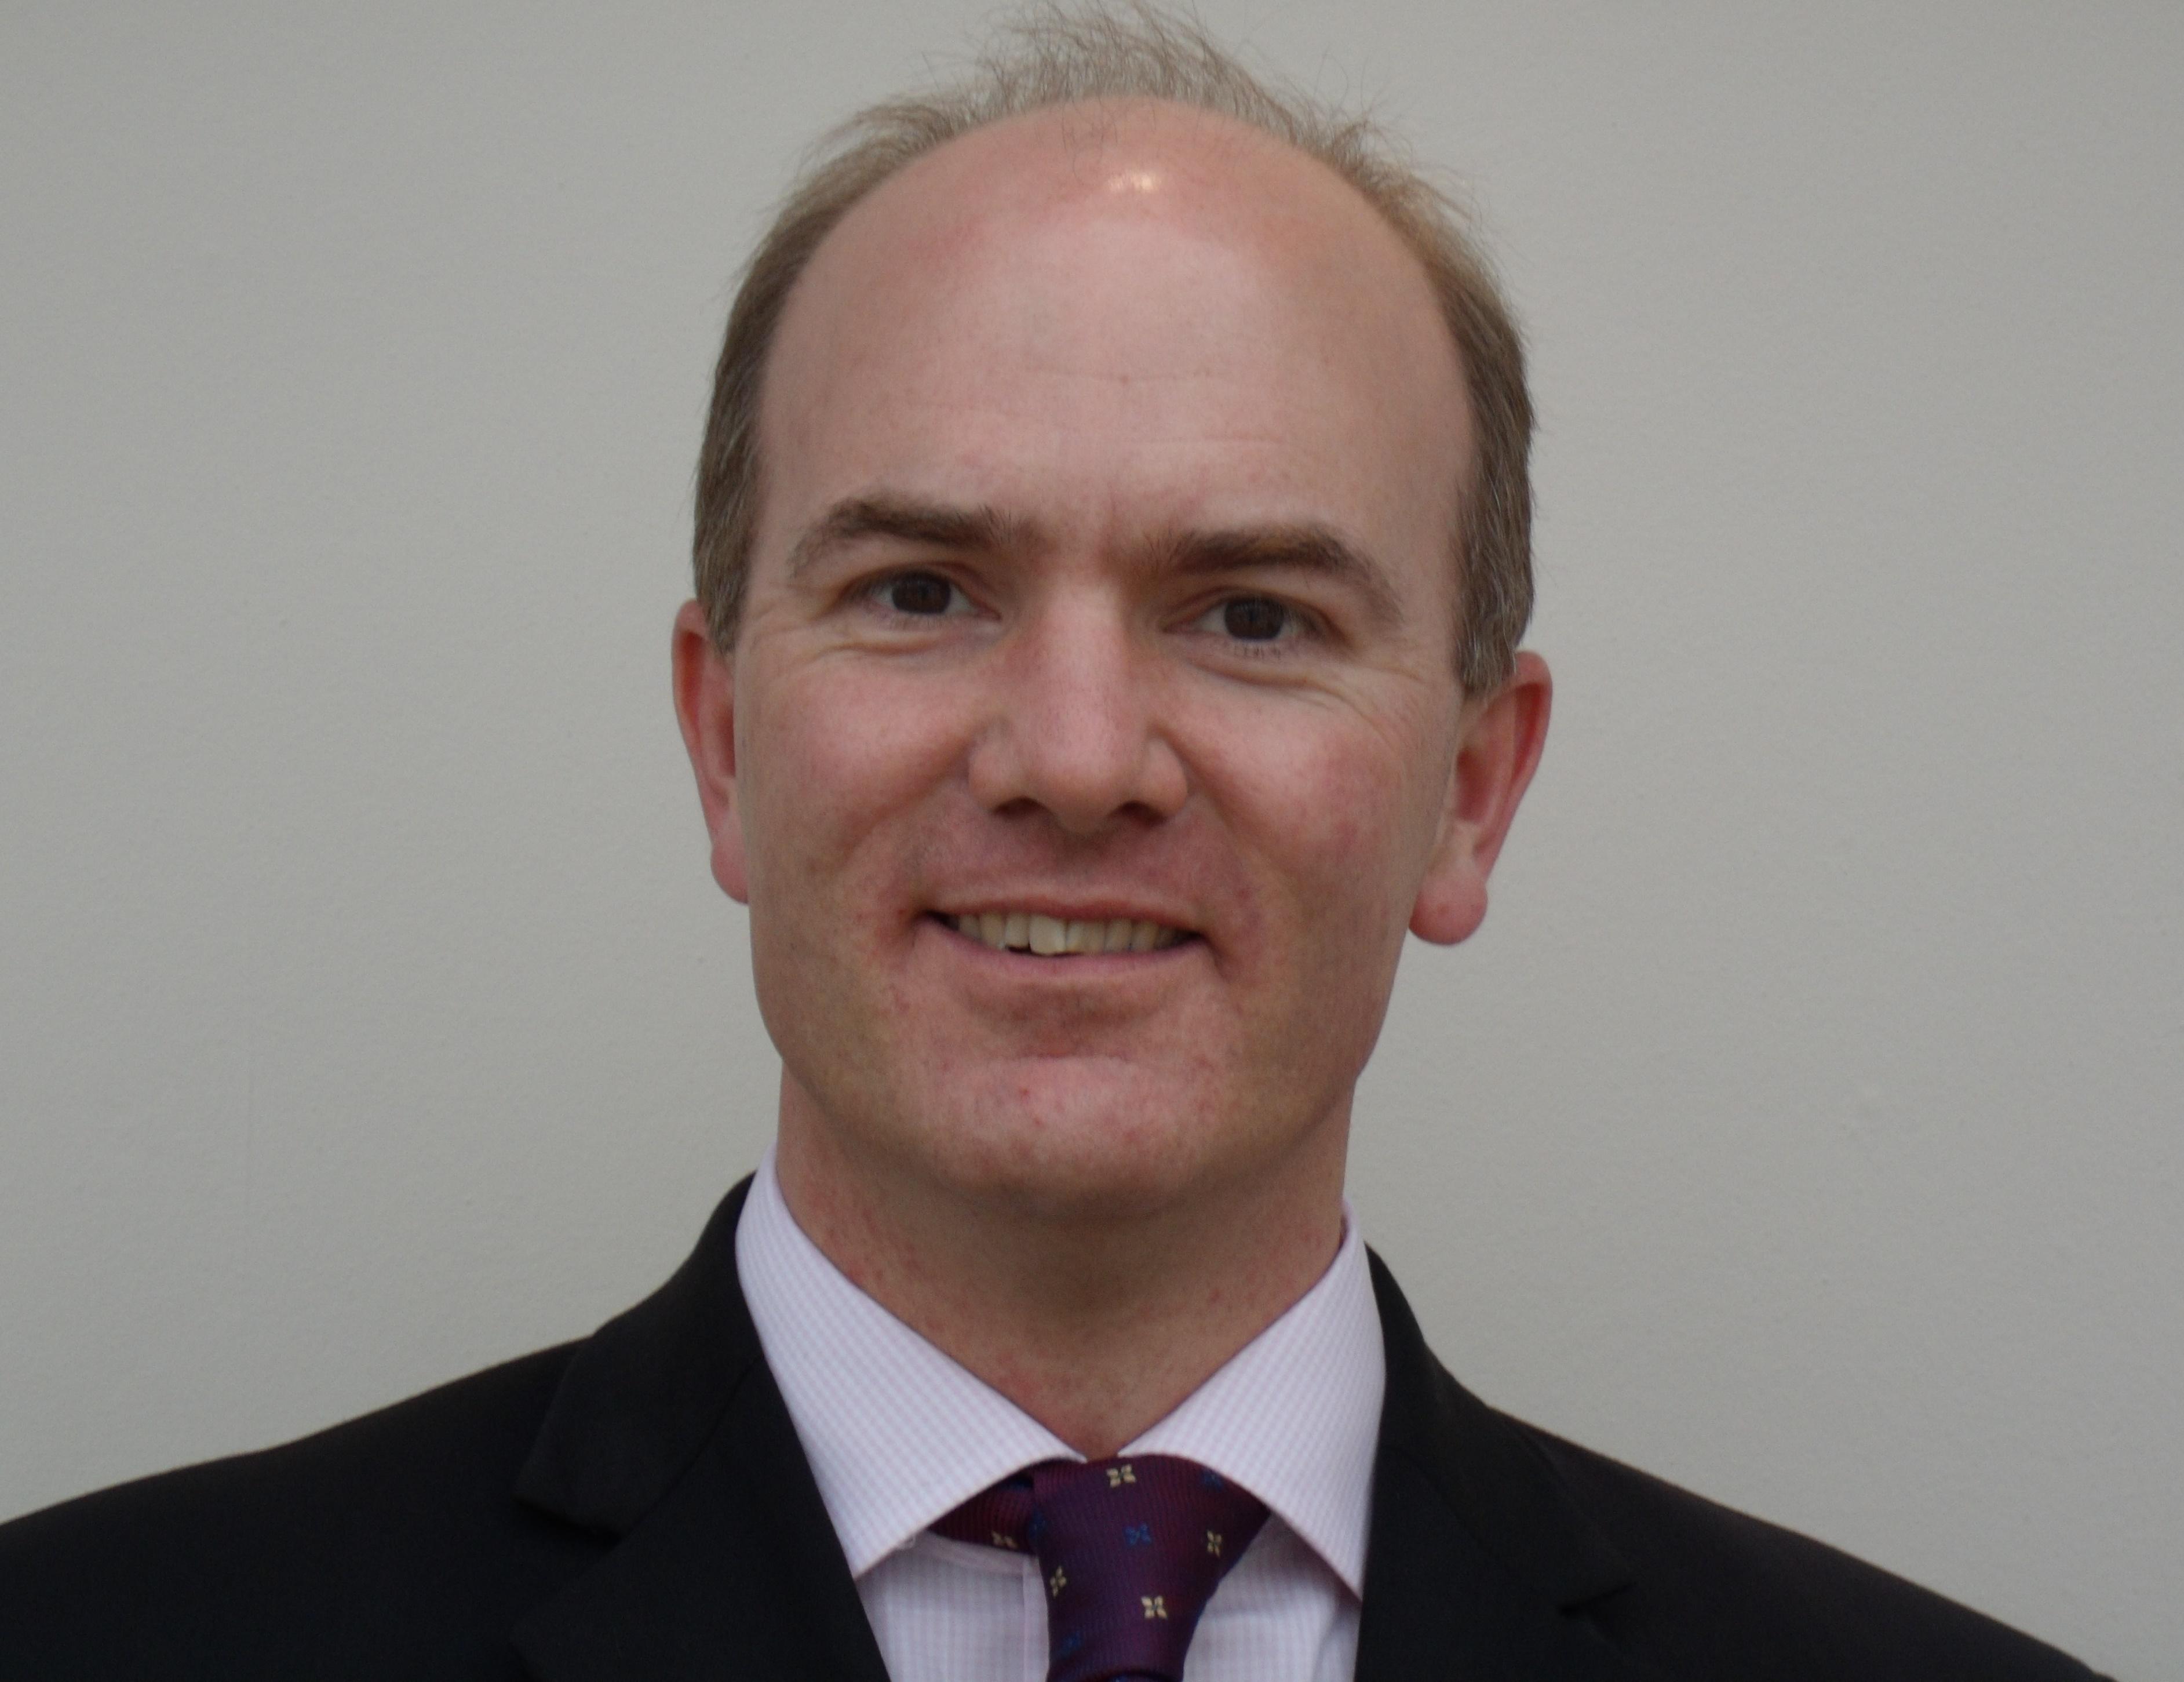 Dr David Beacock